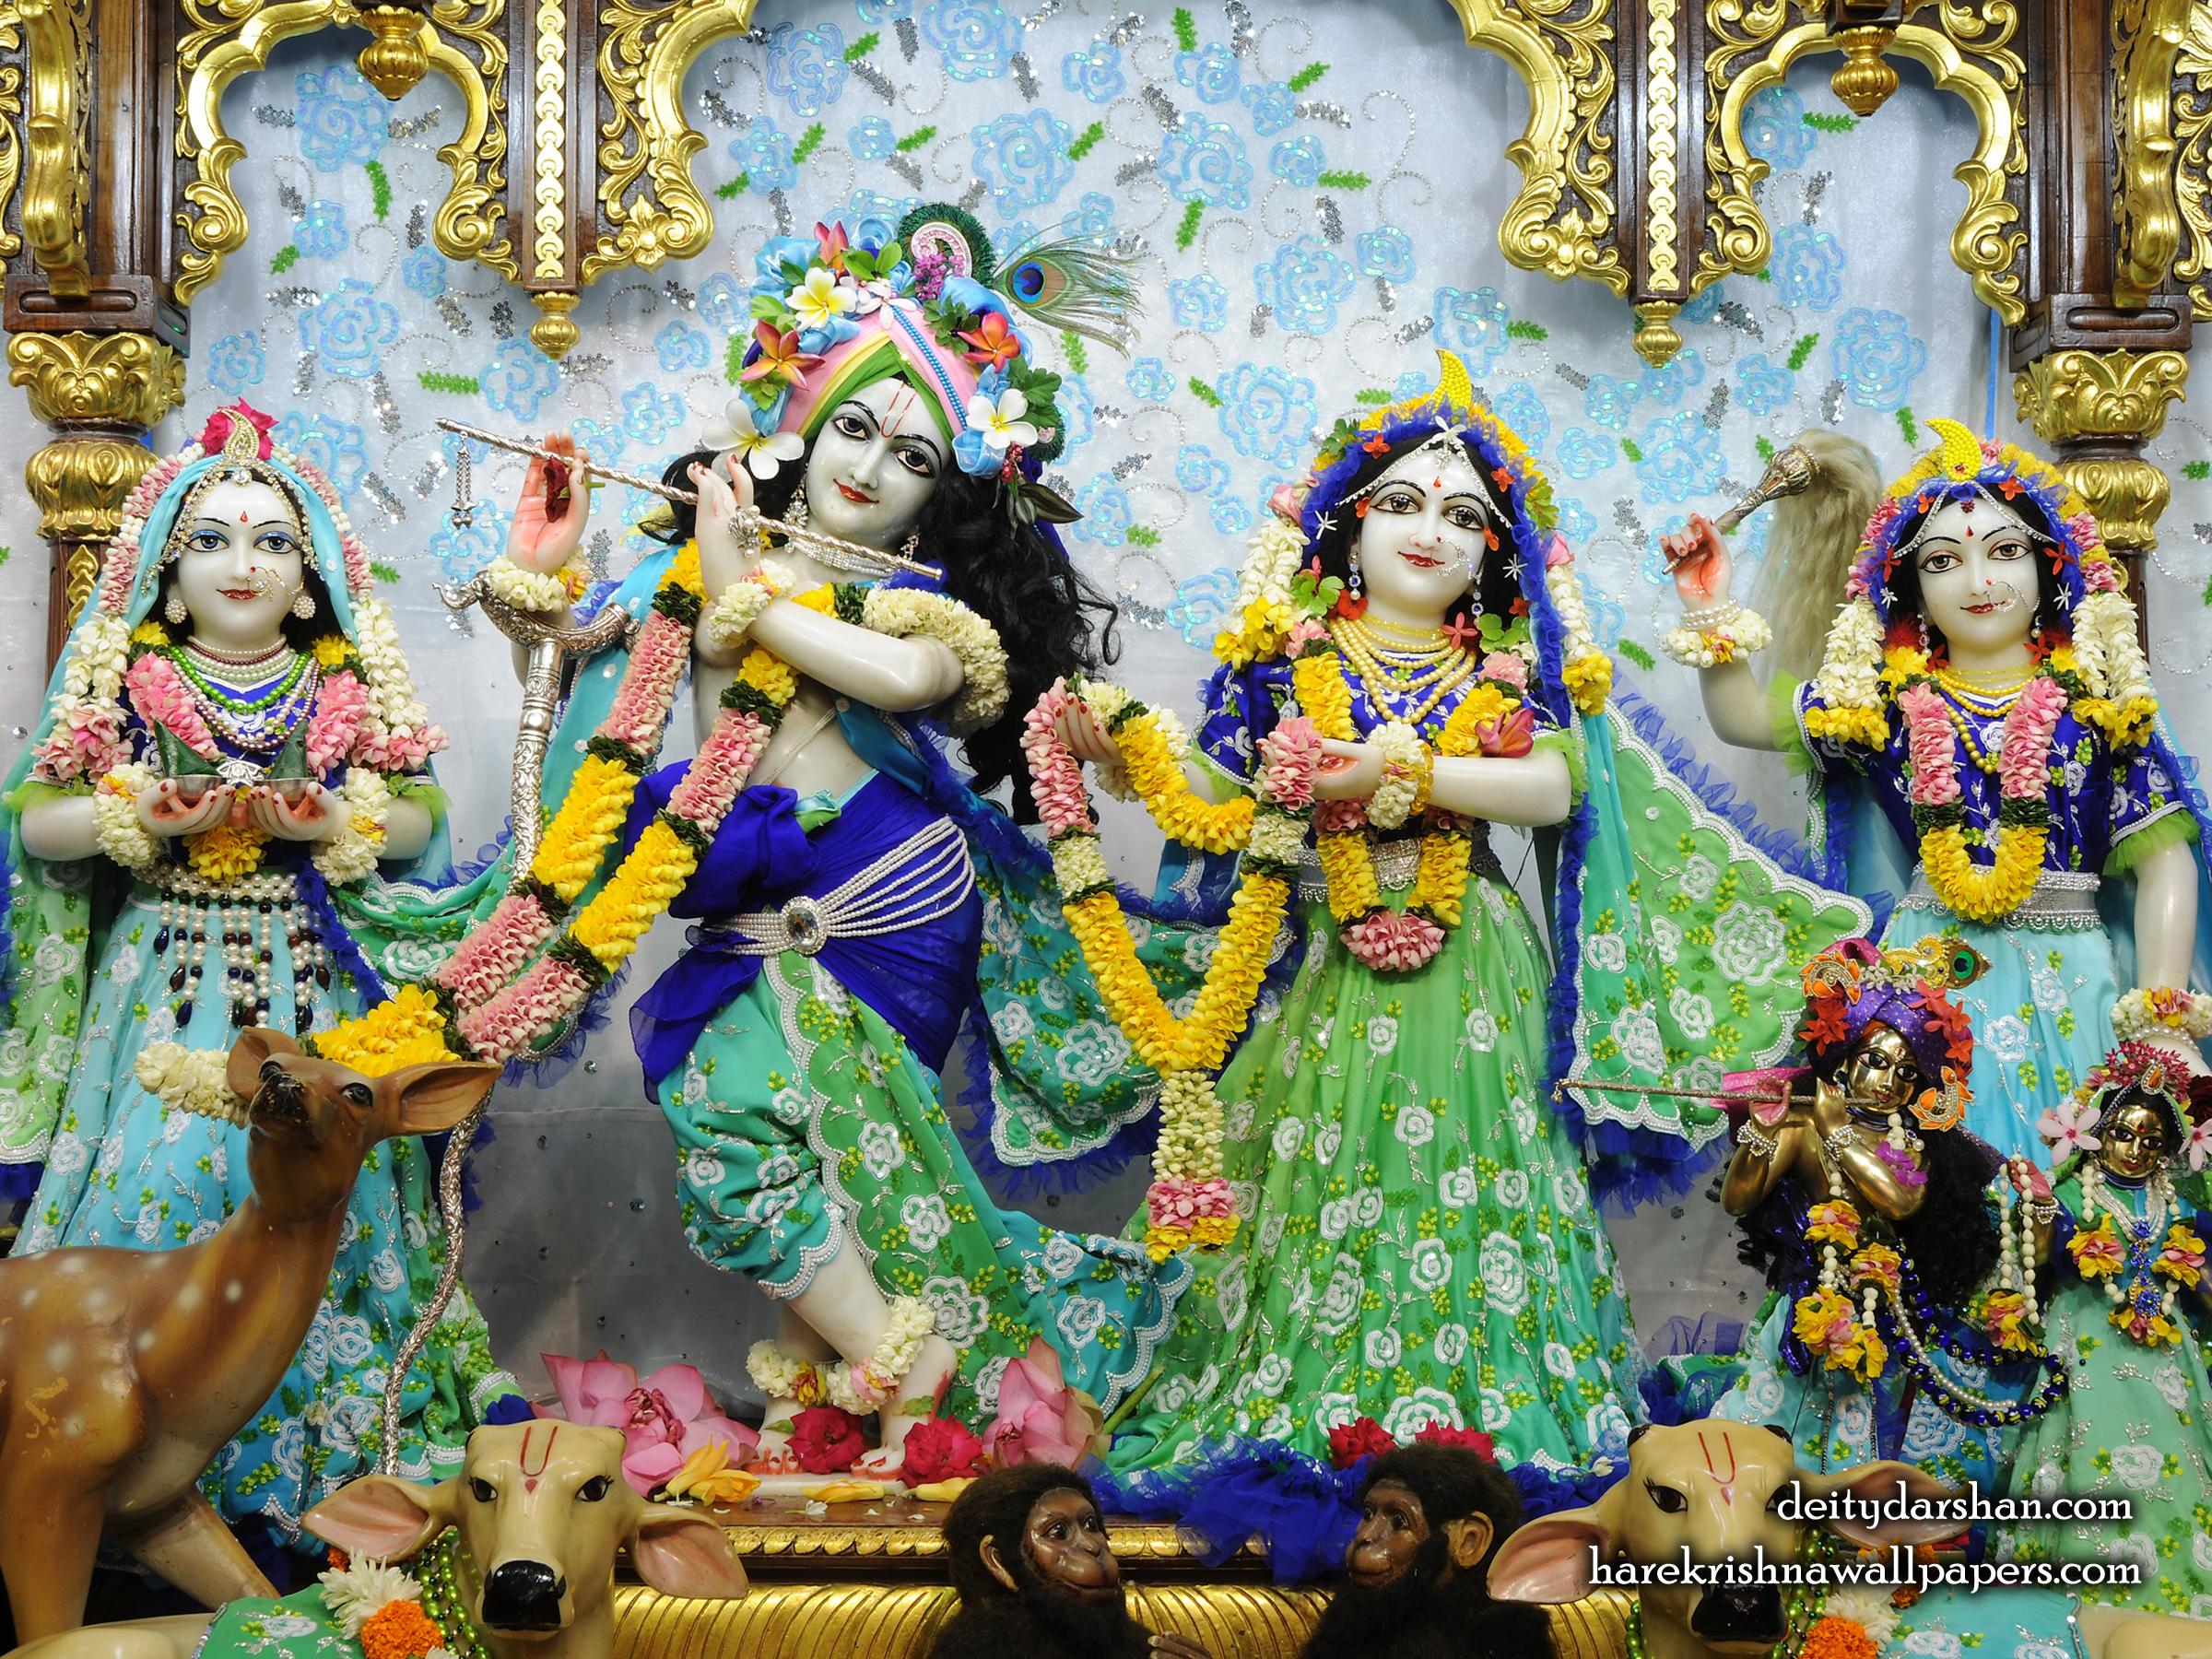 Sri Sri Radha Gopinath Lalita Vishakha Wallpaper (069) Size 2400x1800 Download